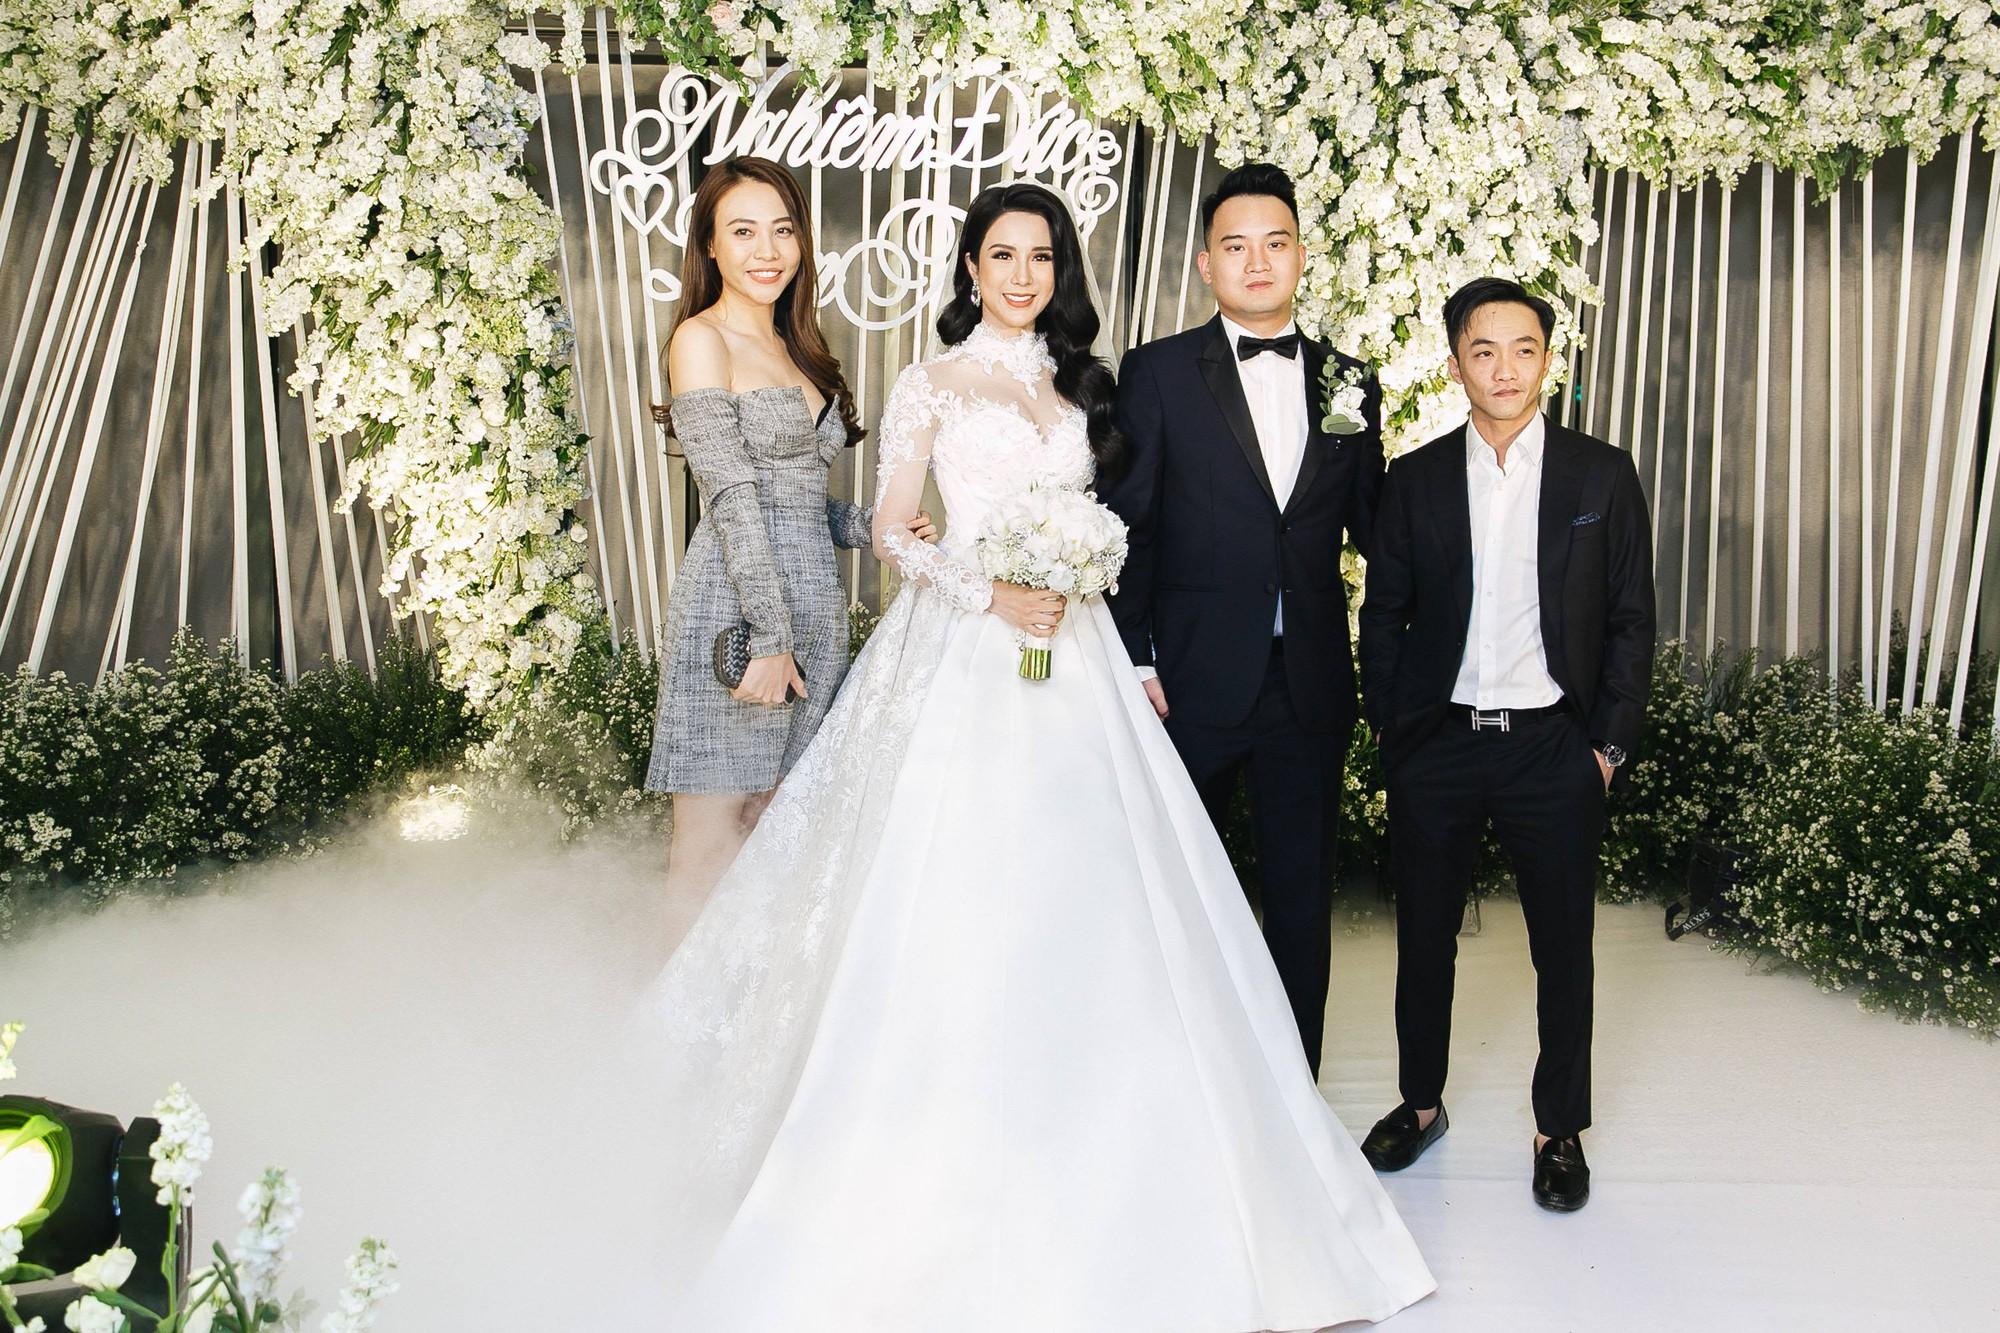 Cường Đô La và bạn gái Đàm Thu Trang cùng nhau đến chúc mừng đám cưới của Diệp Lâm Anh 4